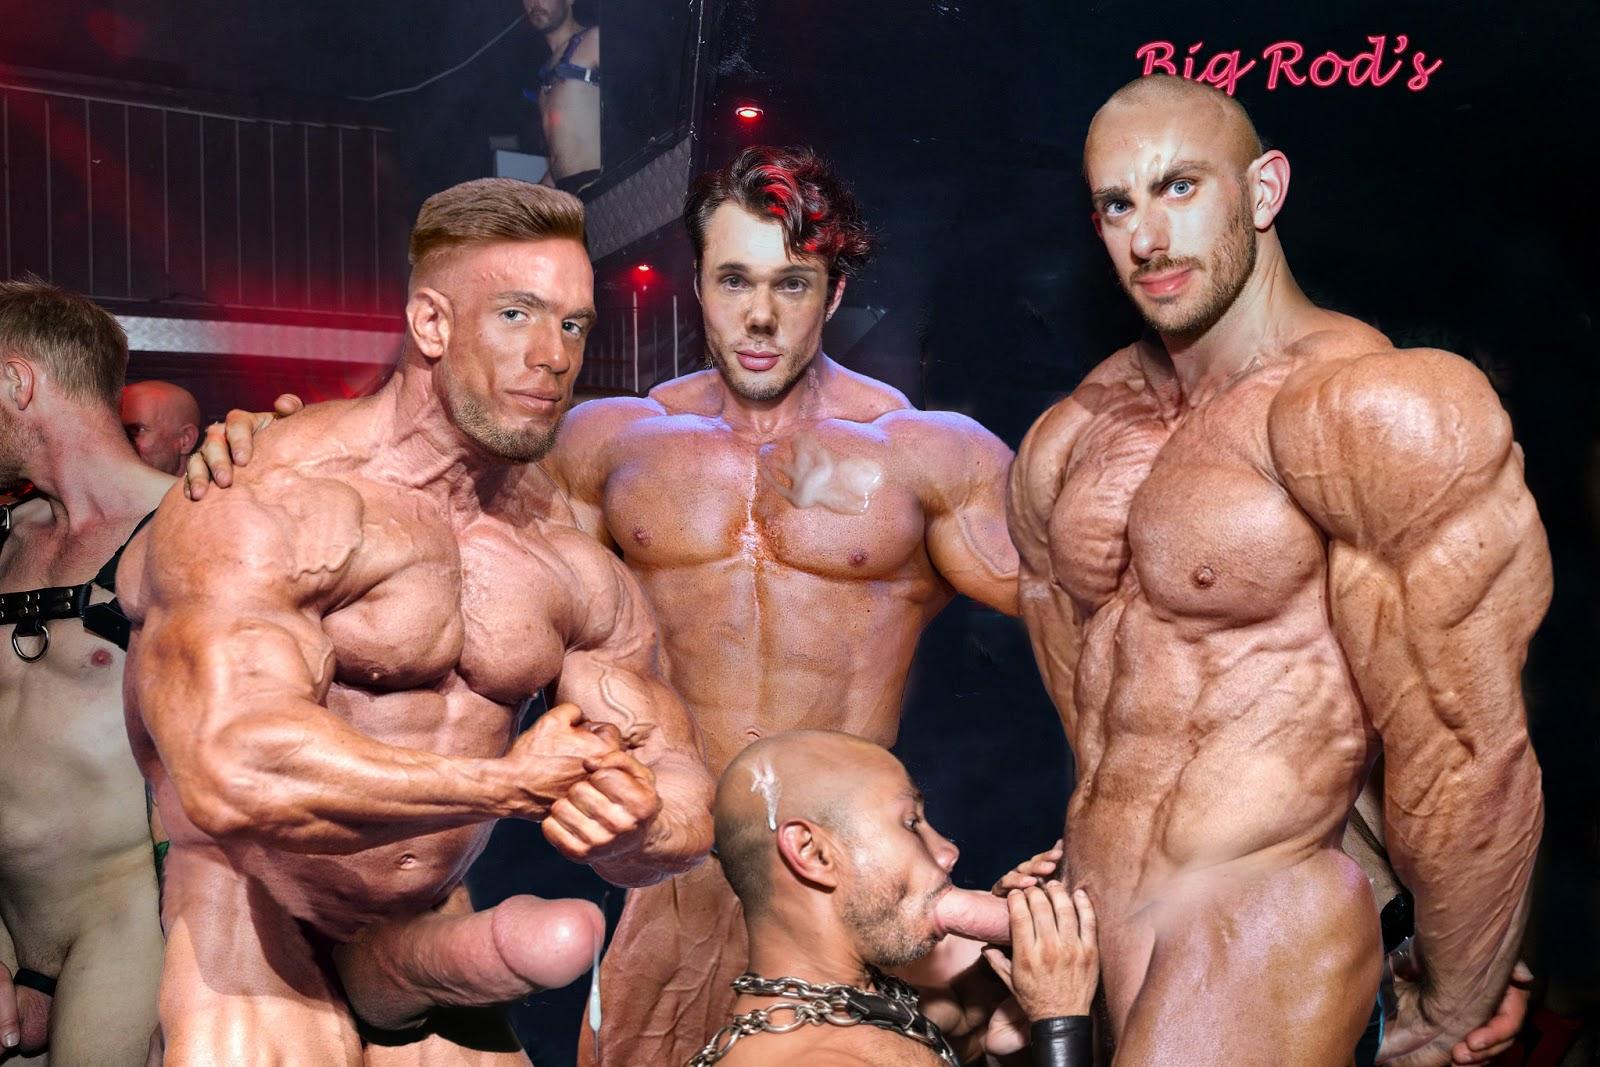 Men naked sex in gym